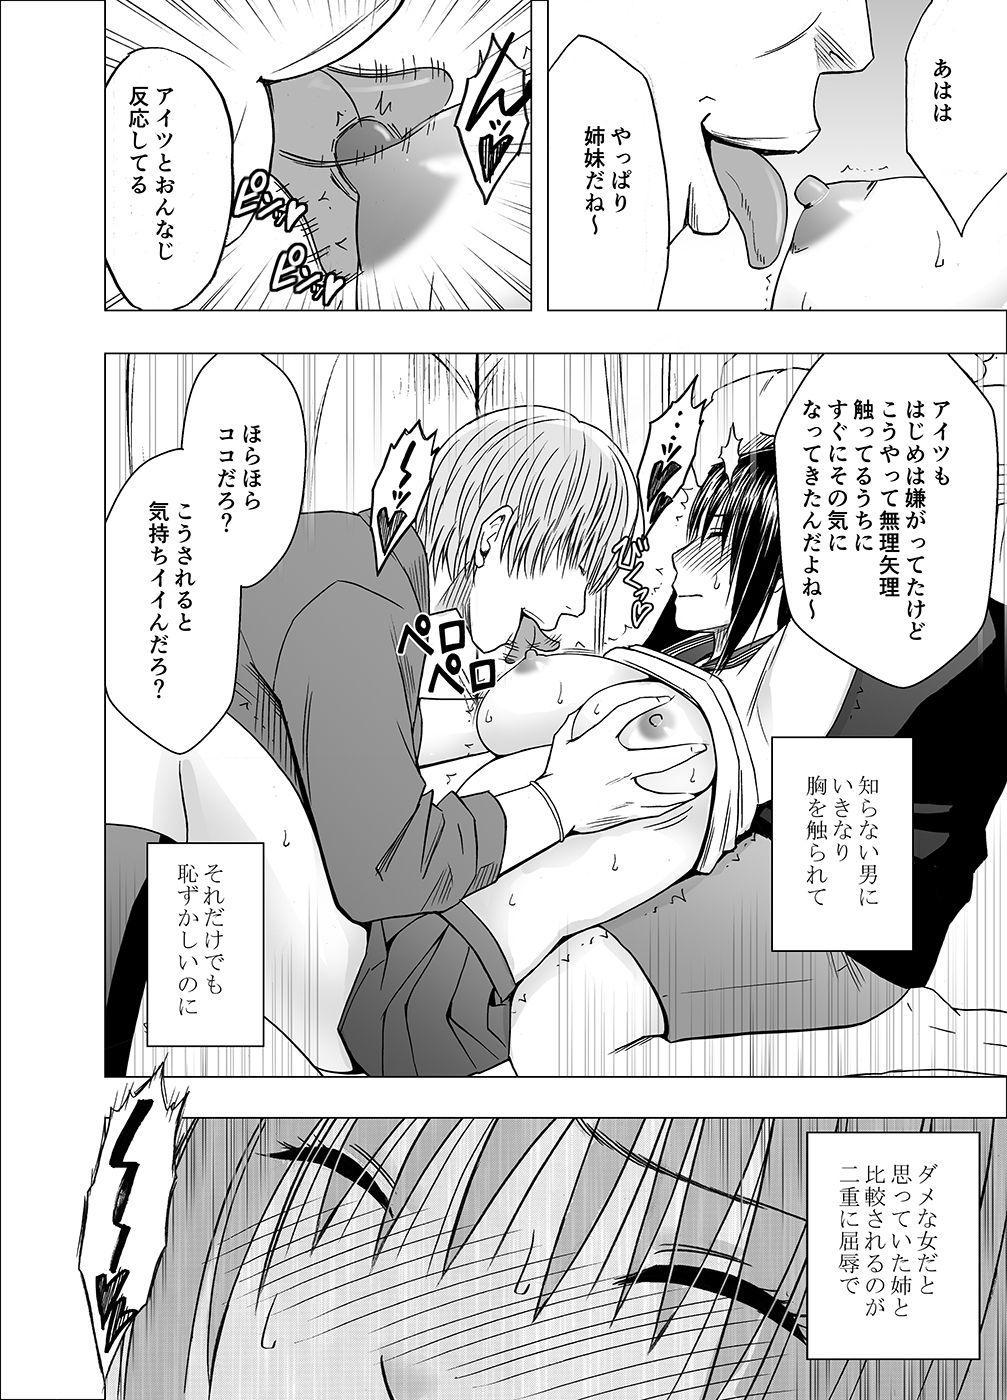 Ane no Kareshi ni Osaetsukerare Muriyari Mune ya Asoko o Sawarare... 15